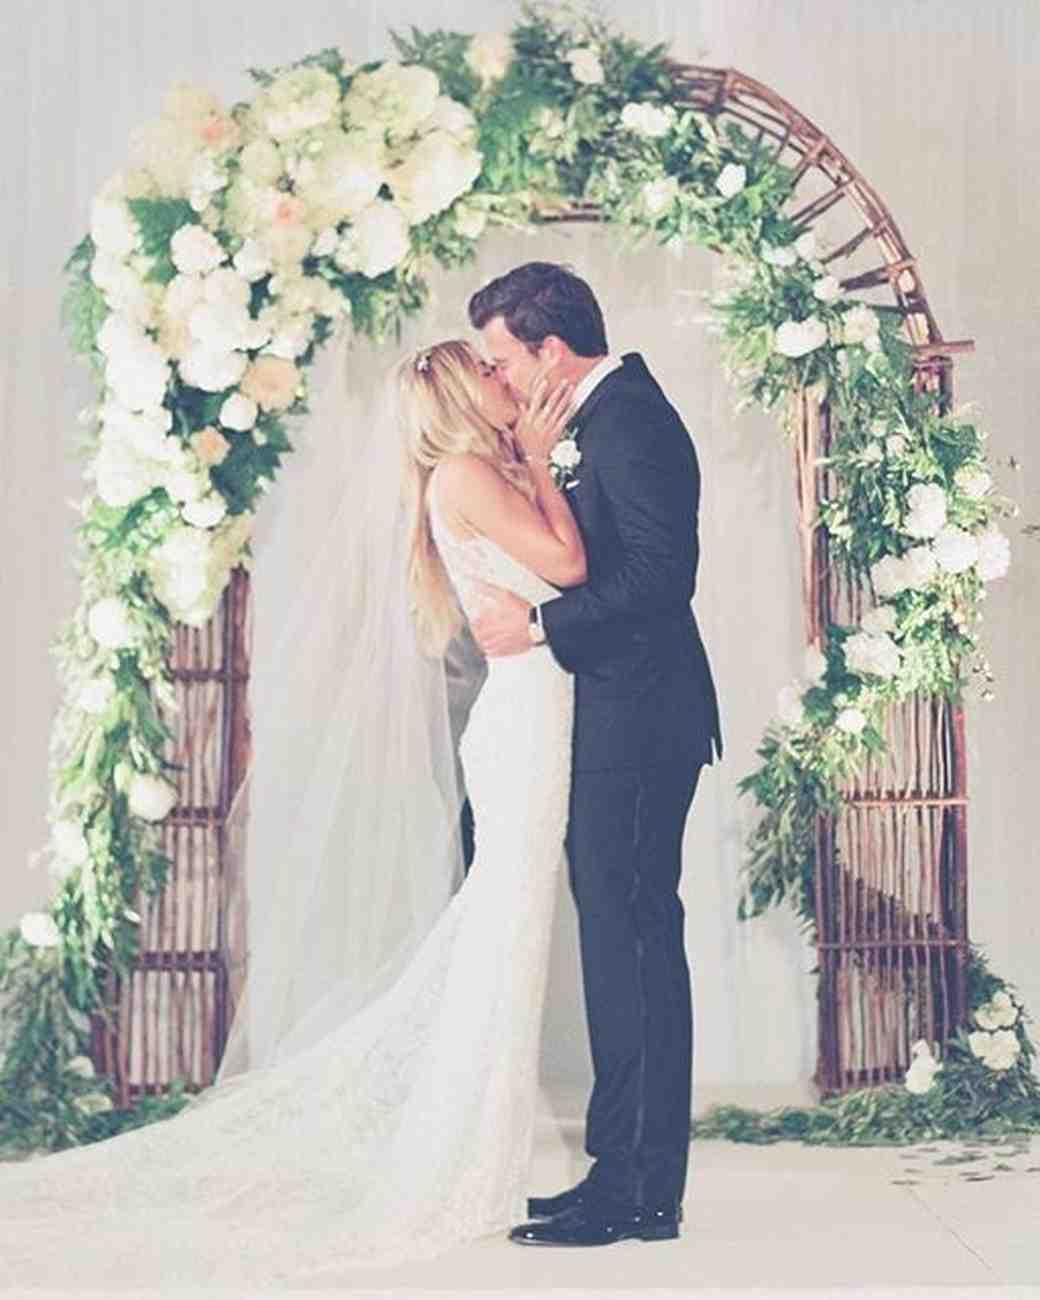 Lauren Conrad and William Tell's wedding photo